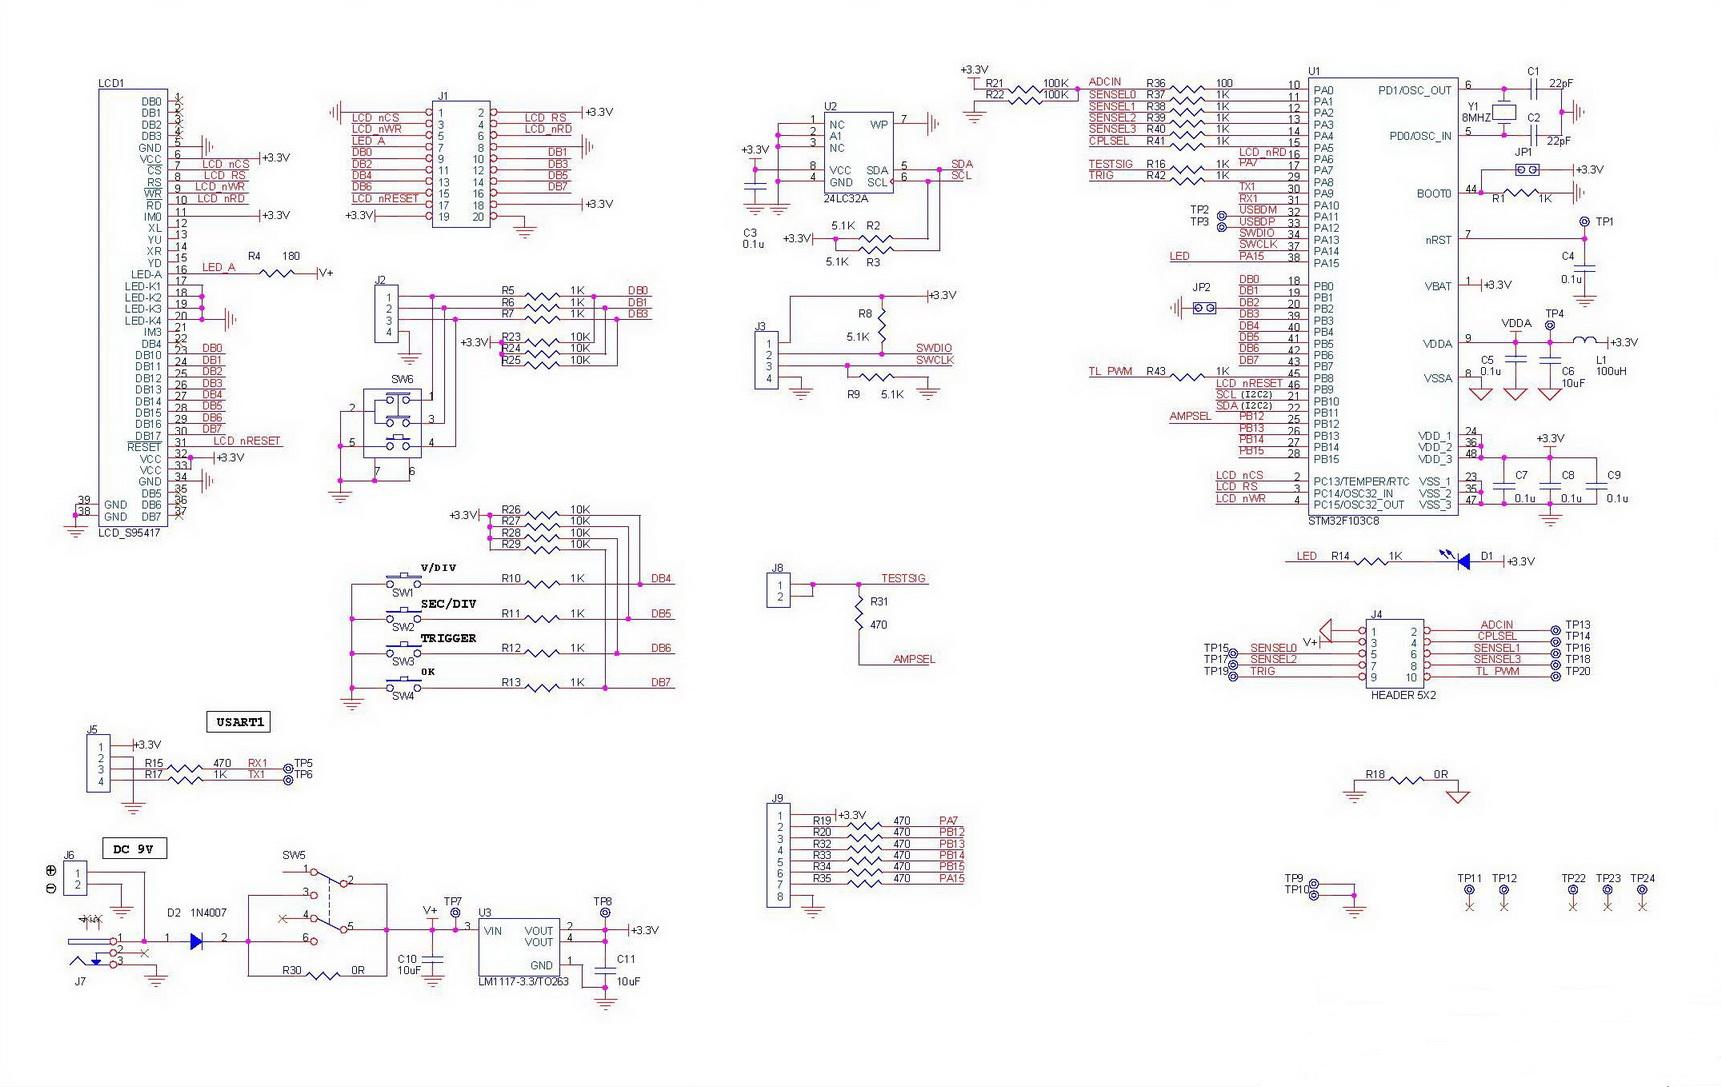 Цифровая часть схемы - NM8025box - Цифровой осциллограф с корпусом